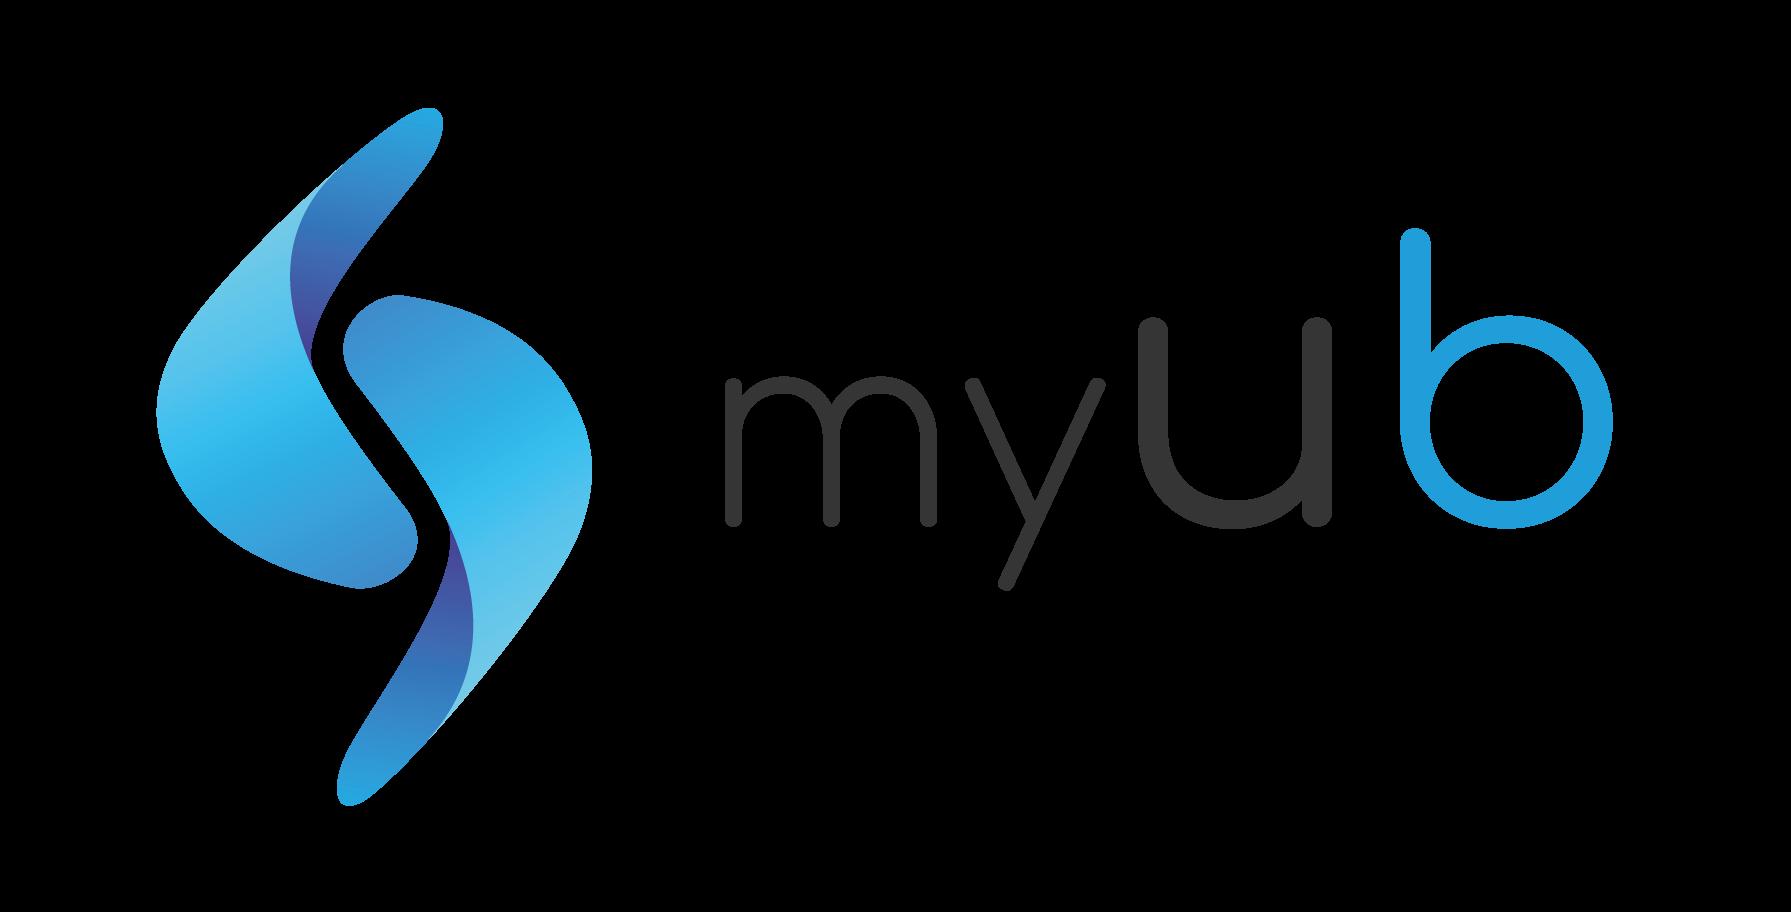 myub-logo-blue.png